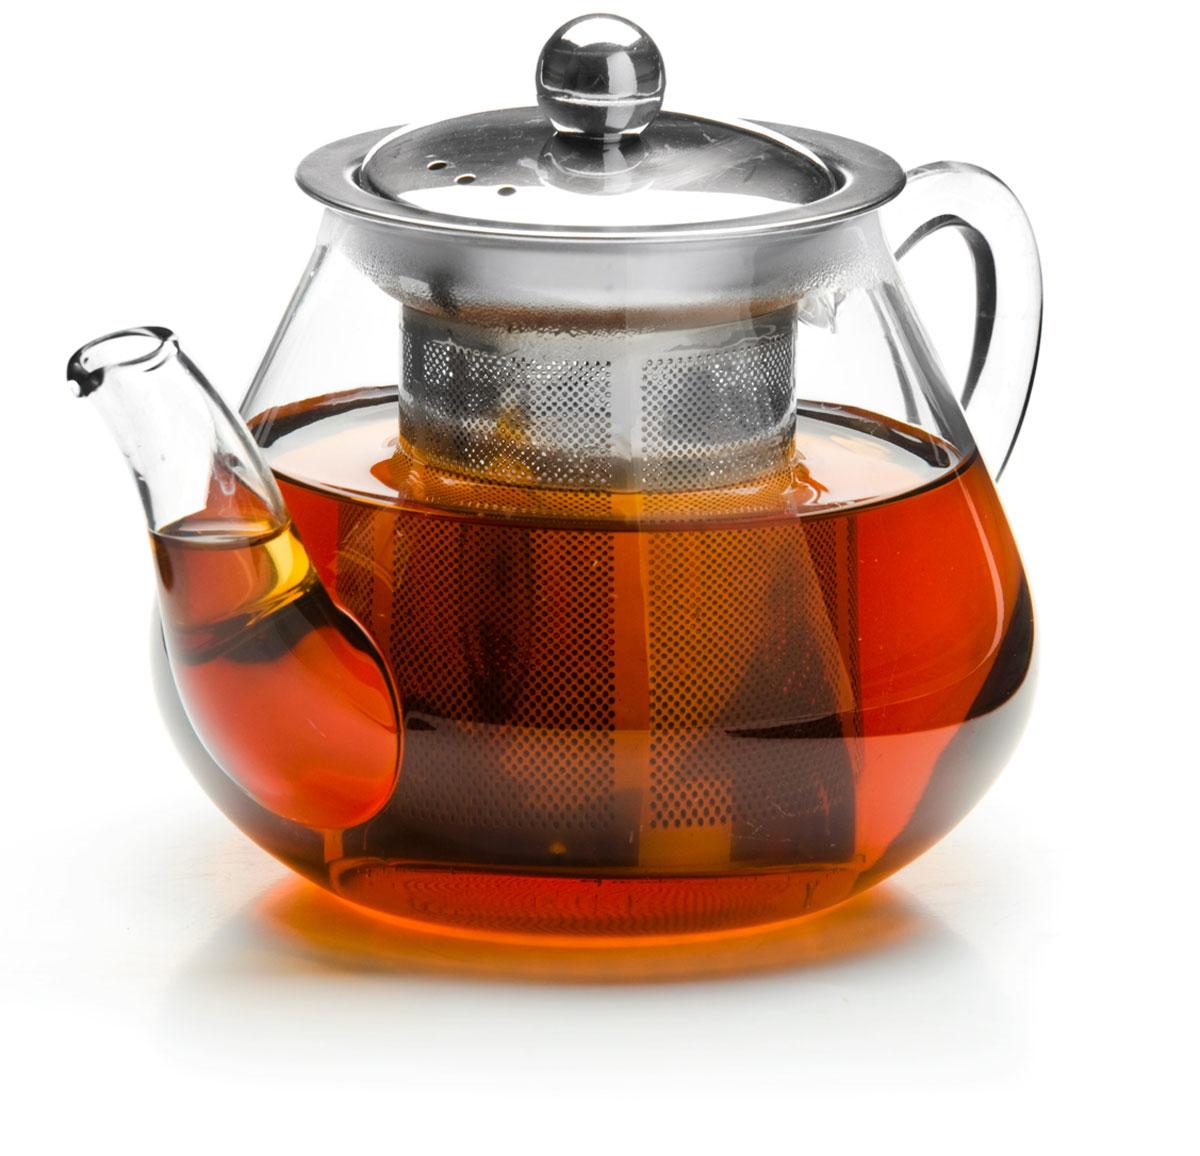 Чайник заварочный Mayer & Boch, с ситом, 600 мл. 2620126201Заварочный чайник изготовлен из термостойкого боросиликатного стекла, крышка и фильтр выполнены из нержавеющей стали .Изделия из стекла не впитывают запахи, благодаря чему вы всегда получите натуральный, насыщенный вкус и аромат напитков. Подходит для мытья в посудомоечной машине.Объем чайника: 600 мл.